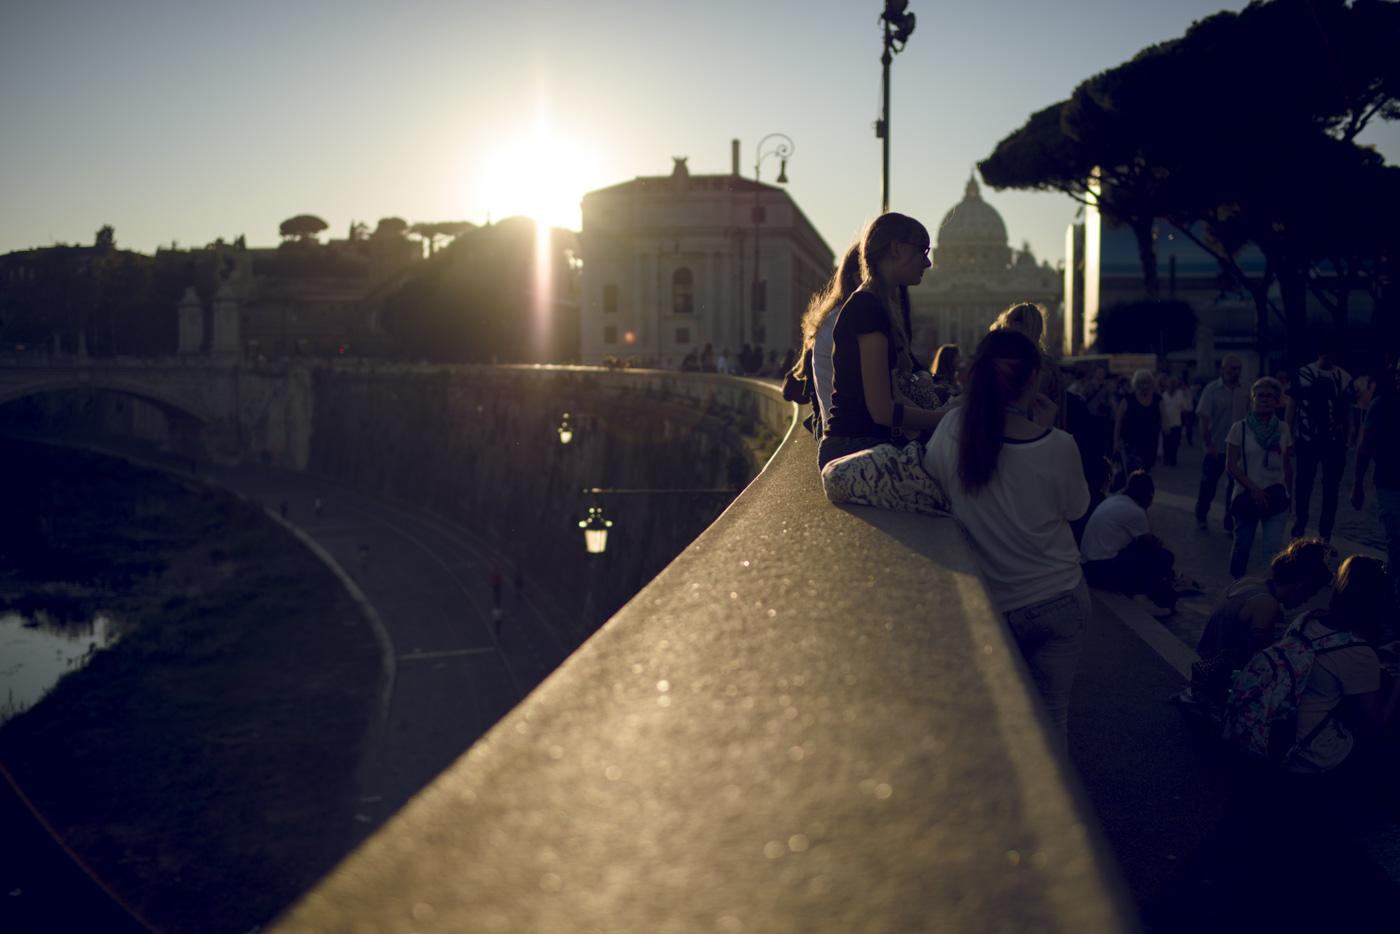 Rom - Die Geschichte hintern den Bildern